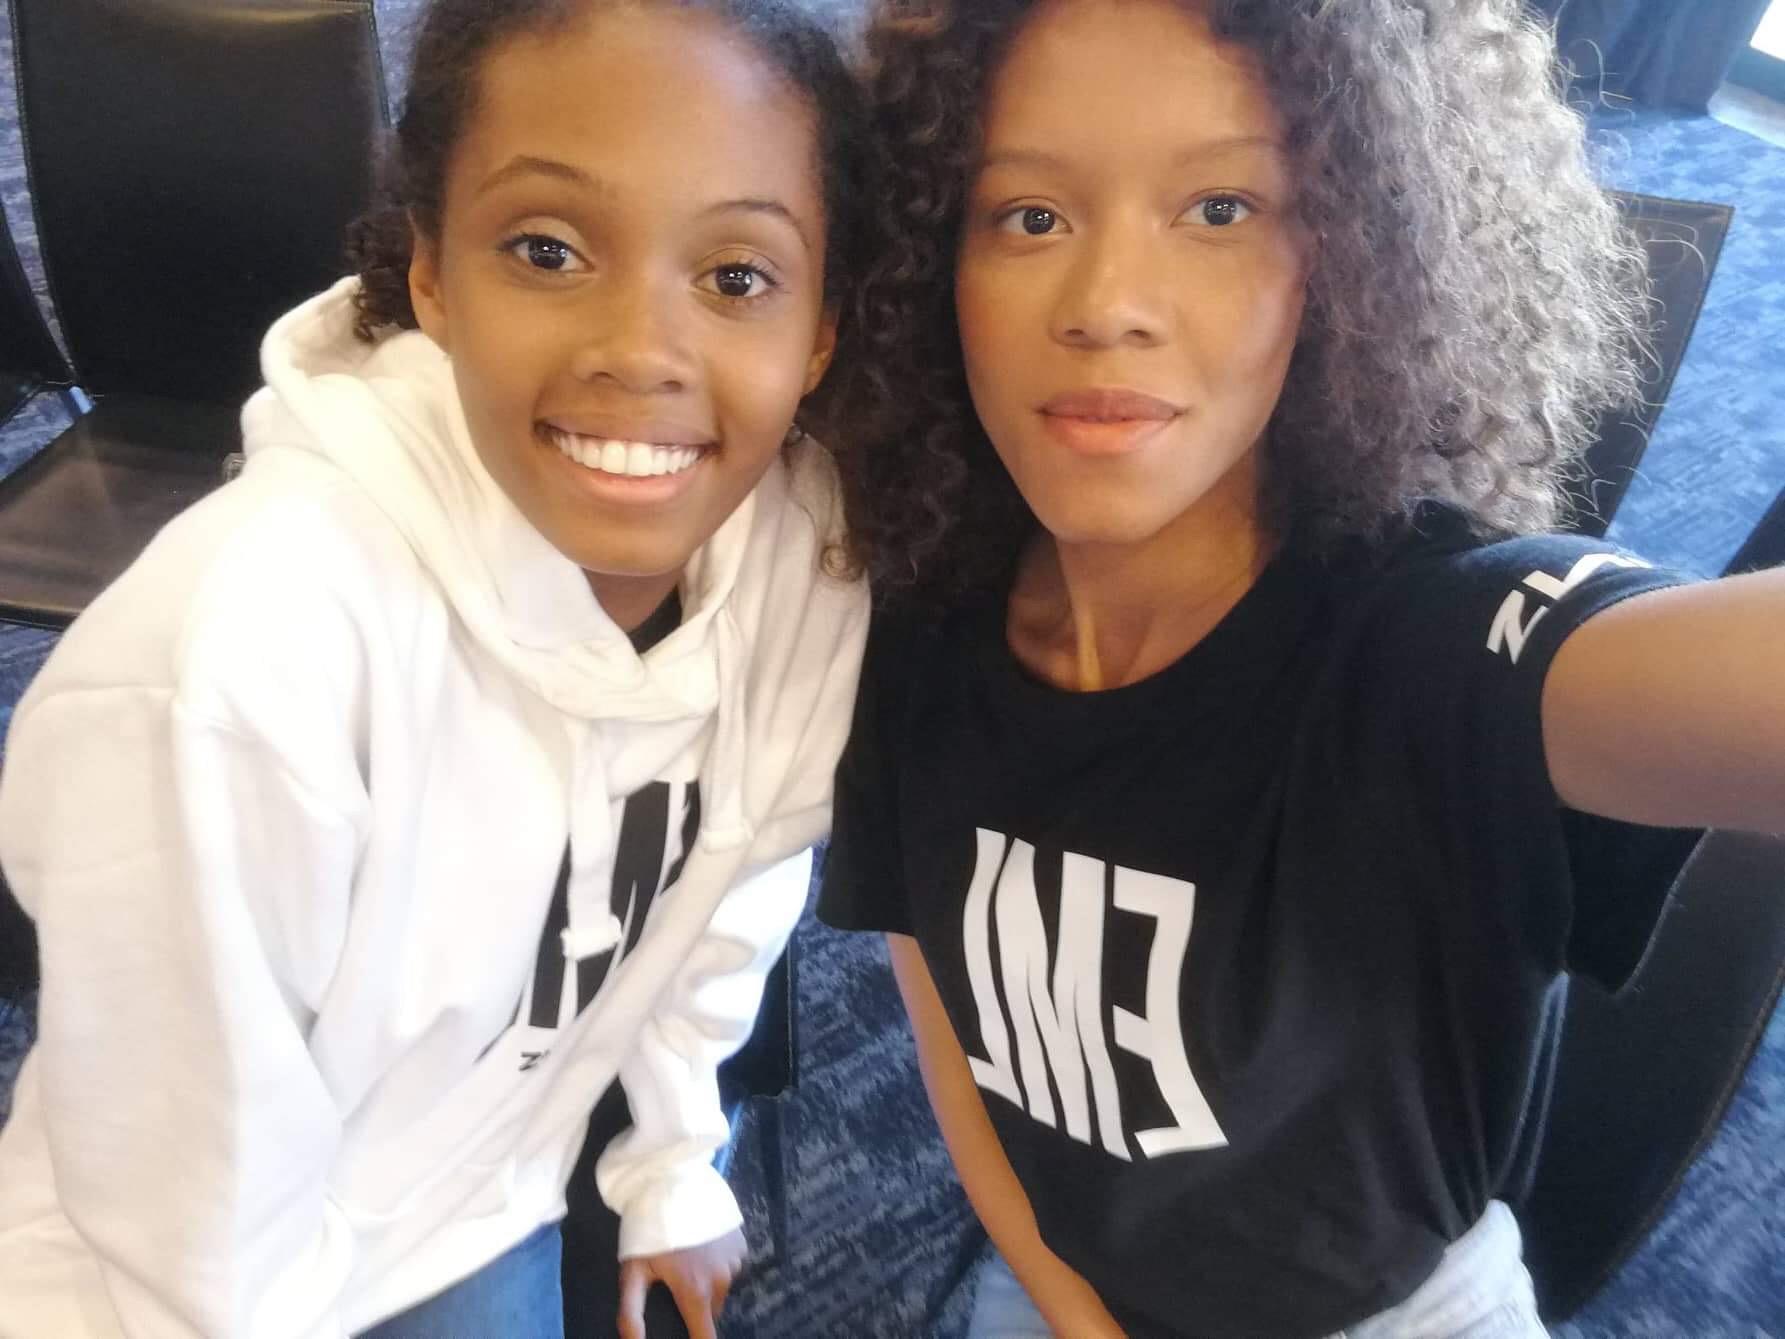 Camille et Agnès les finalistes Réunion Island et Mauritius Island du concours Elite sont à la finale internationale